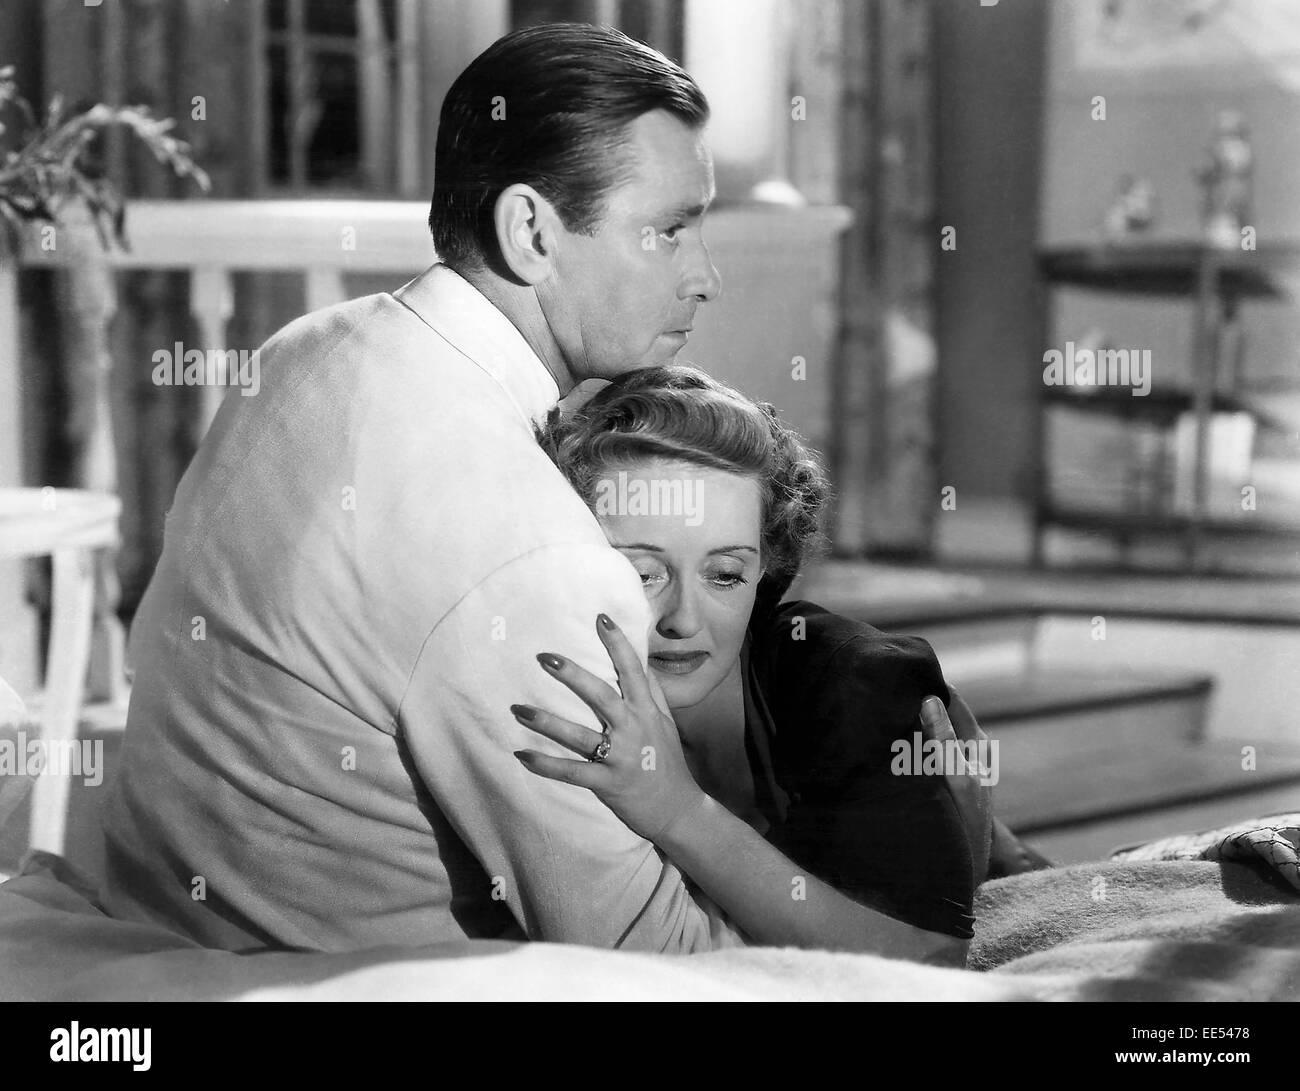 Herbert Marshall, Bette Davis, on-set of the Film, 'The Letter', 1940 - Stock Image